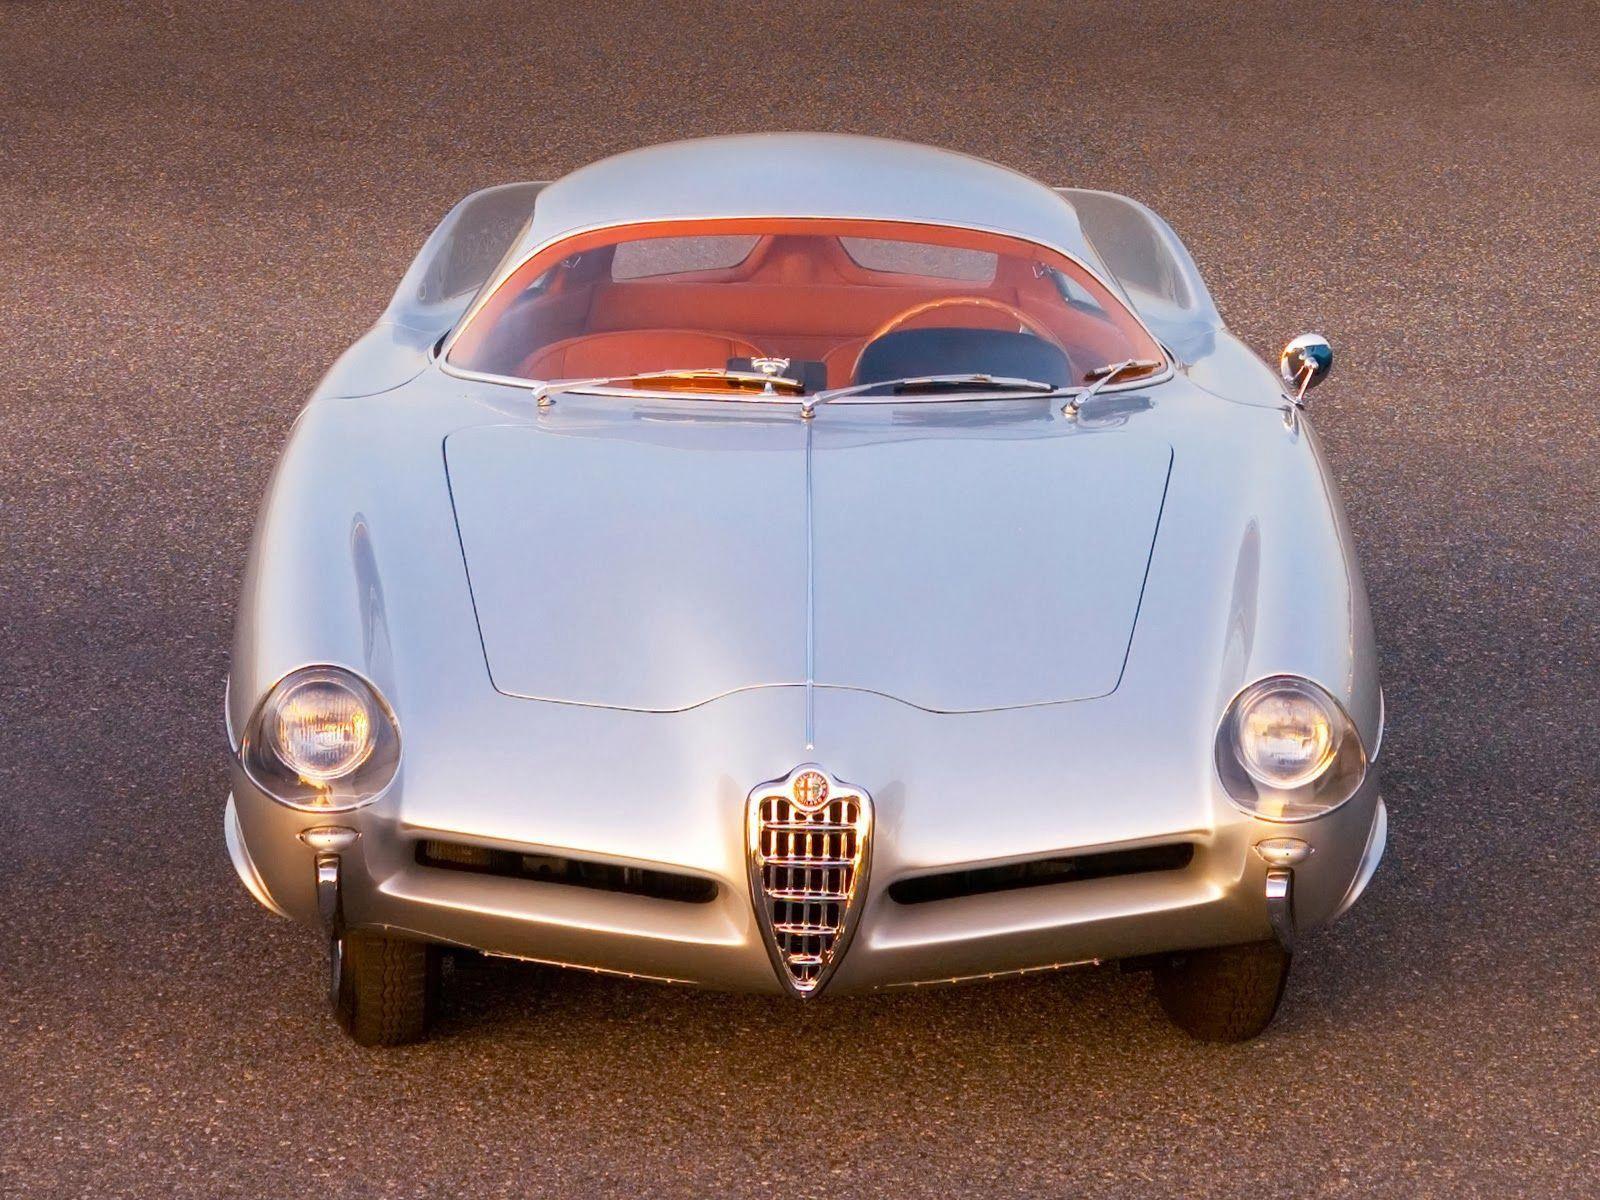 Stormwheels 1955 Italia Carrozzeria Bertone Alfa Romeo Bat 9 Alfaromeoclassiccars Classic Cars Alfa Romeo Concept Cars